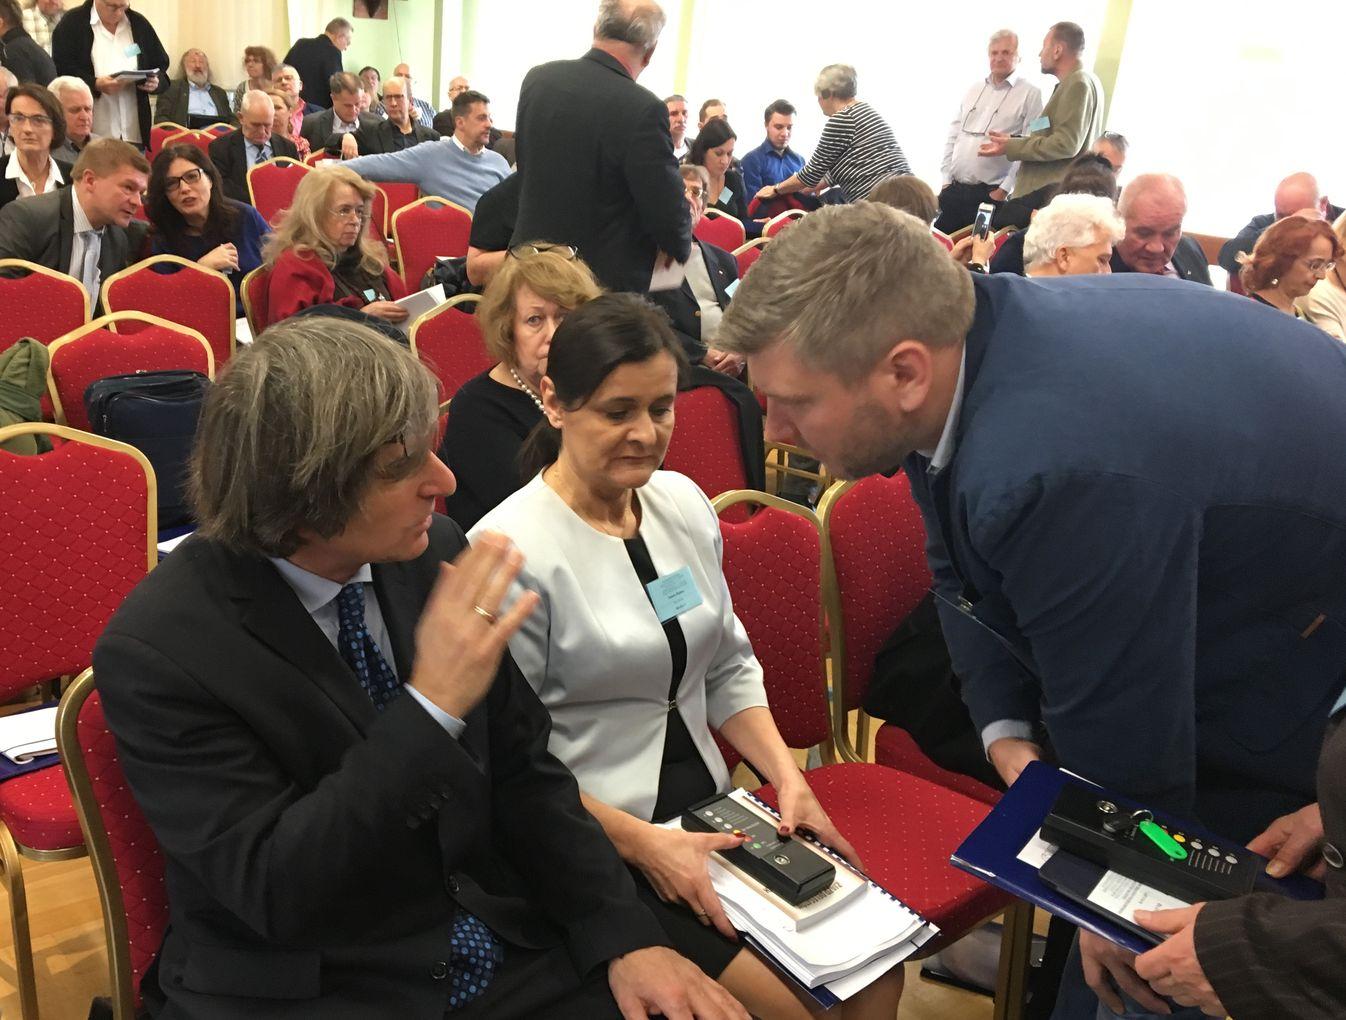 Zjazd SDP w Kazimierzu_fot_J_Wikowski a IMG_9413